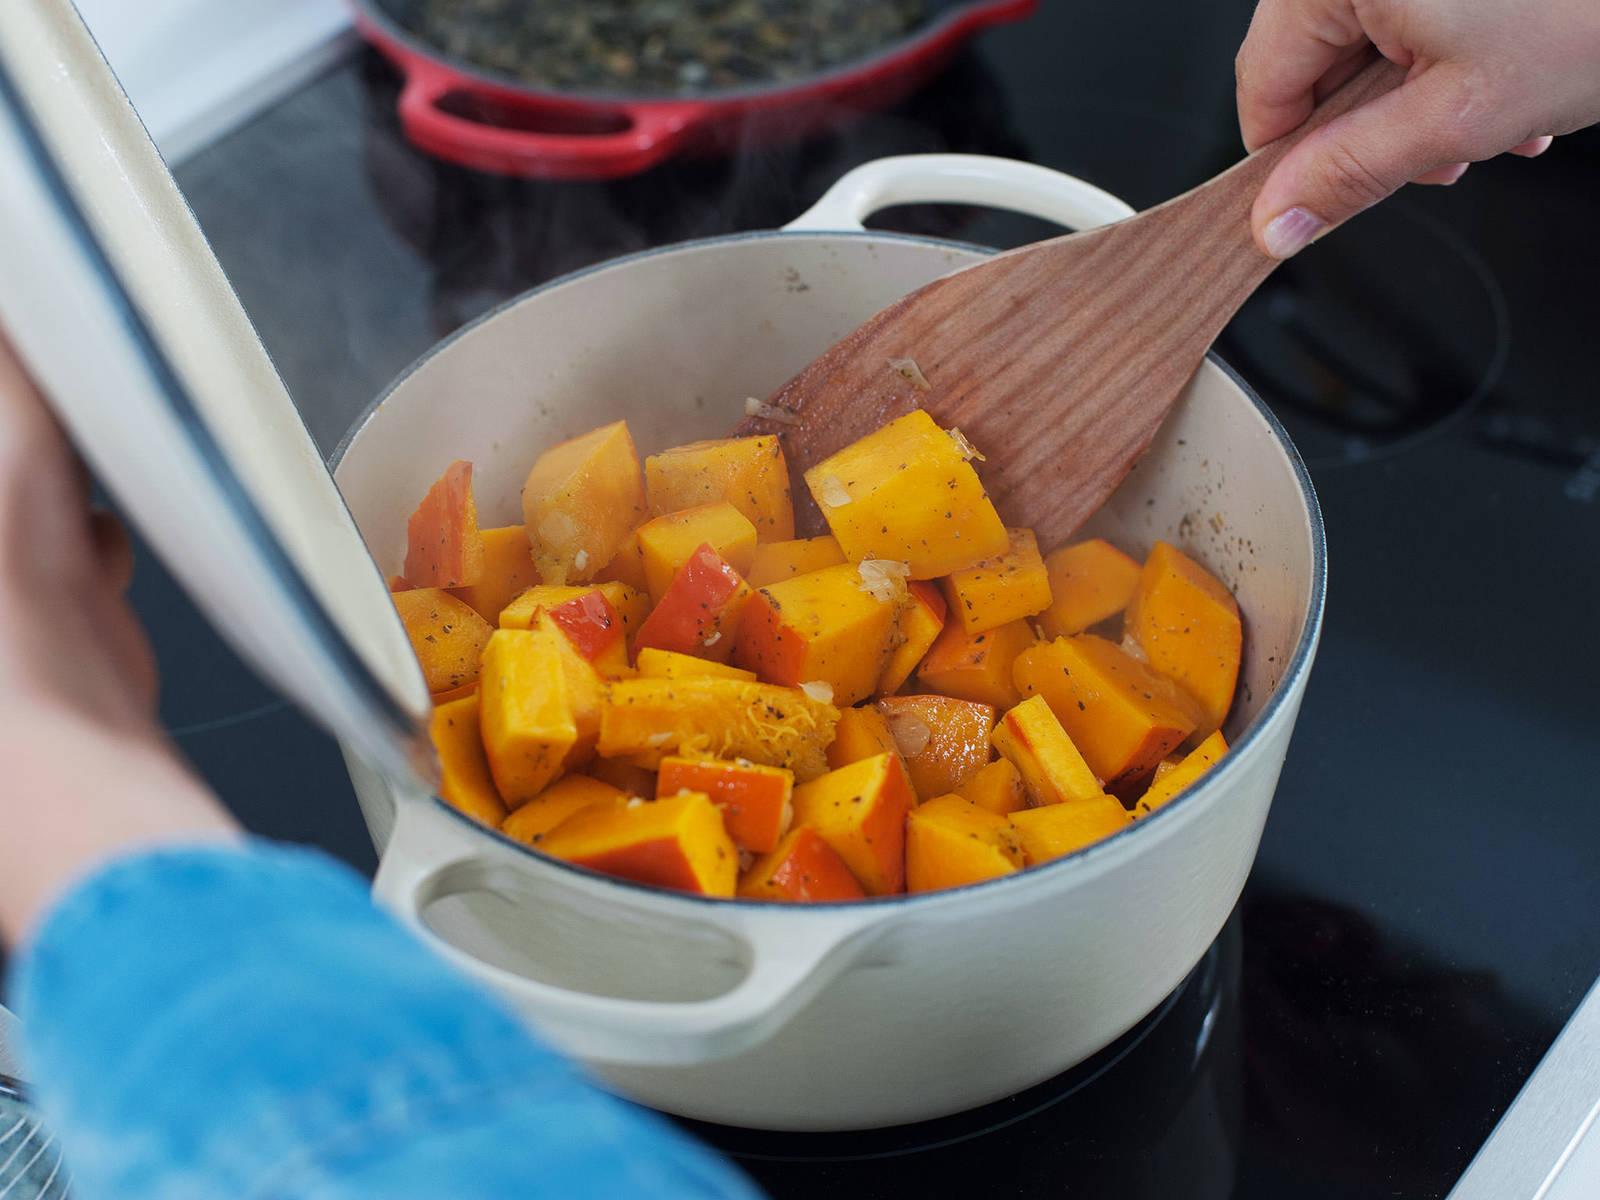 将南瓜块放到平底锅中,翻炒3-4分钟,不时翻动。